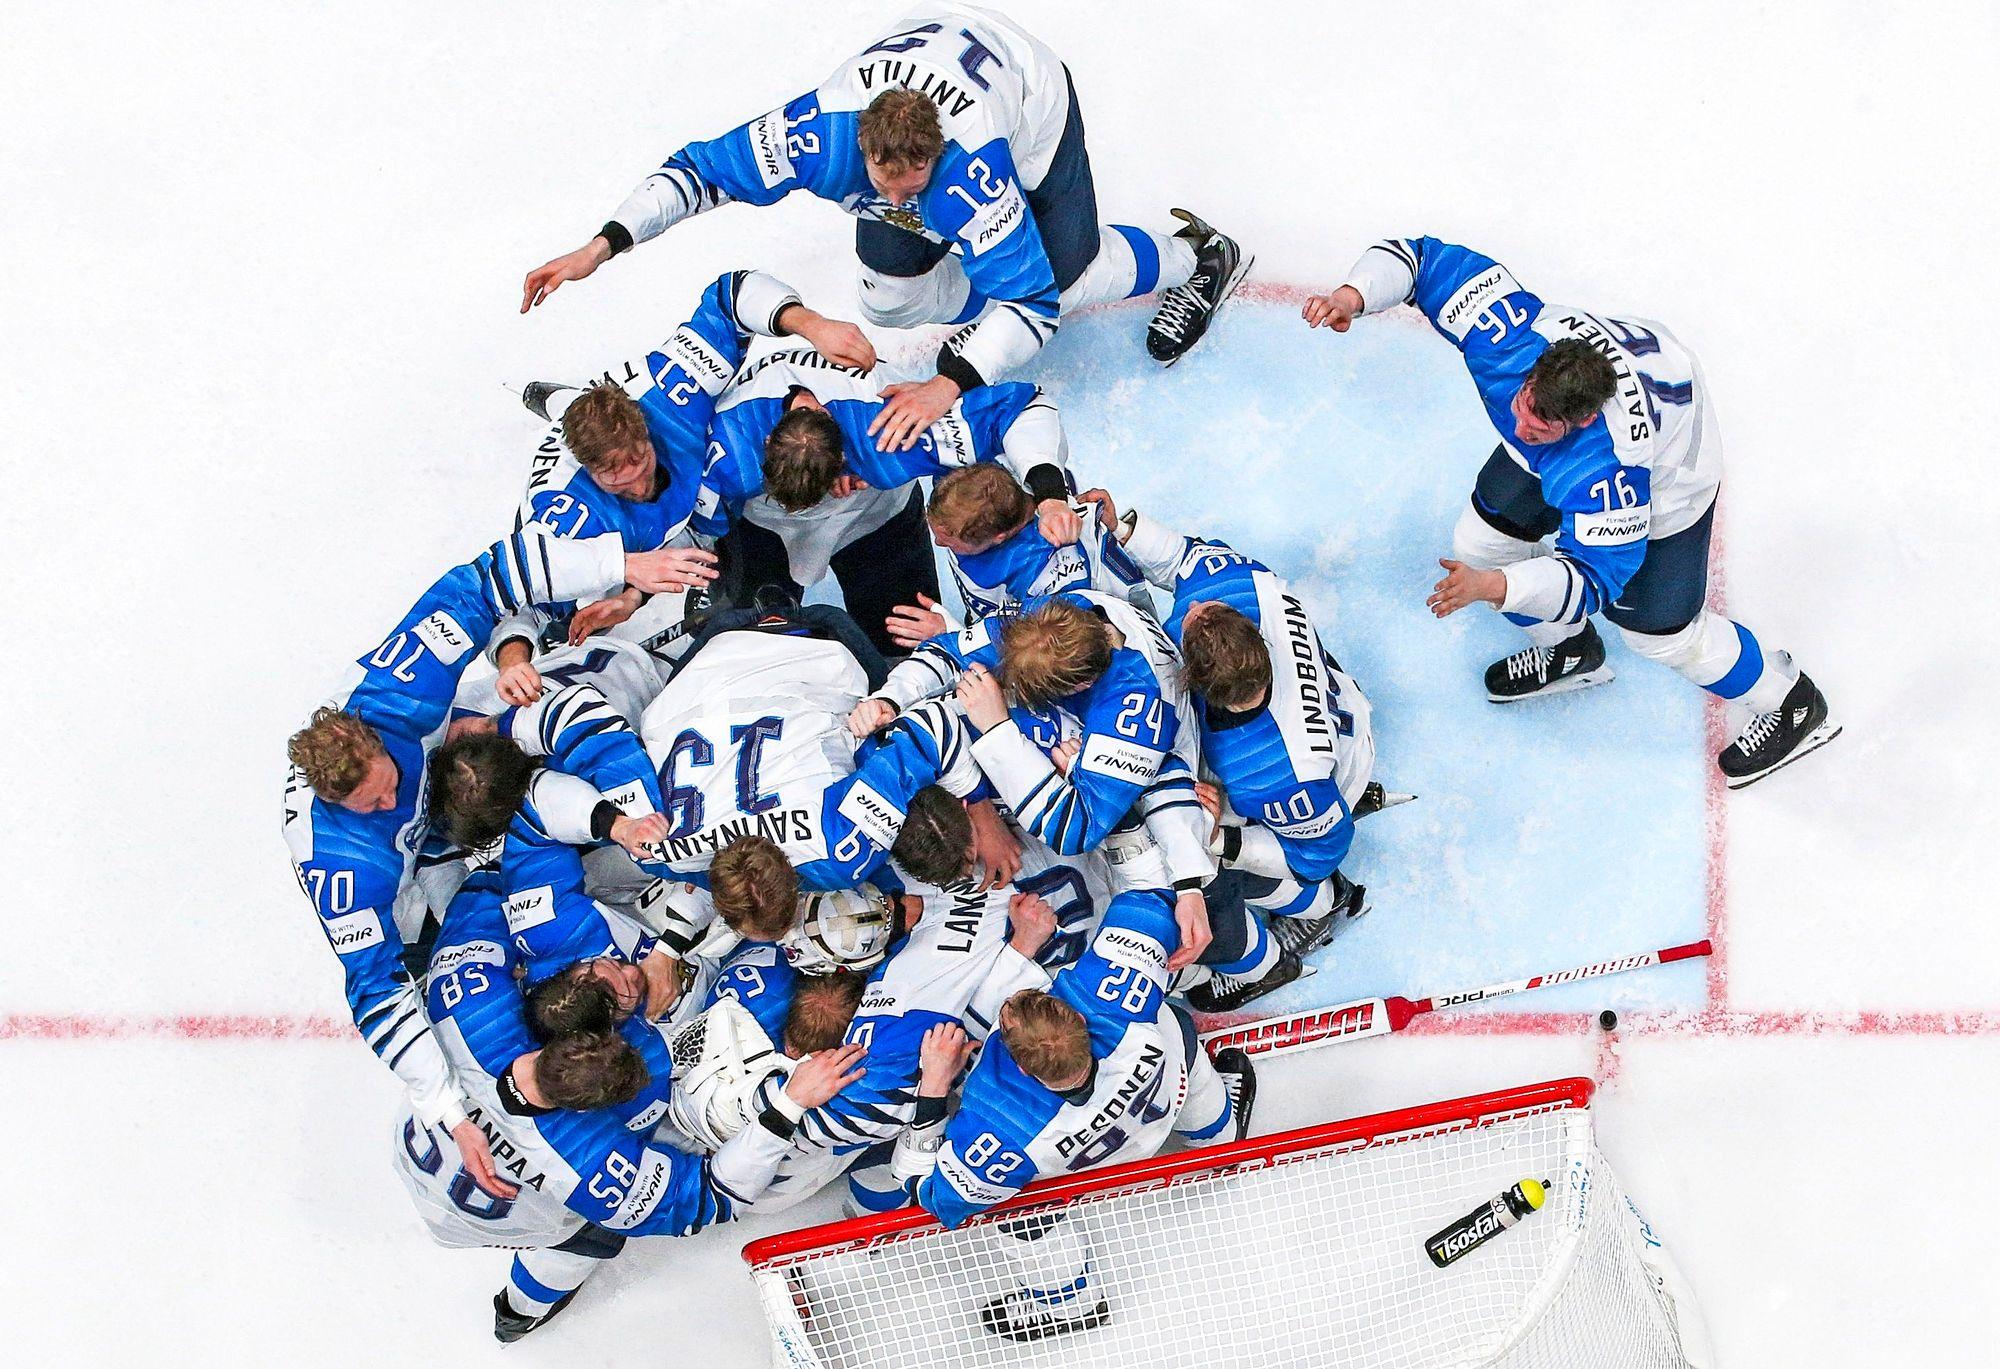 Suomi kaatoi vuoden 2019 MM-loppuottelussa Kanadan. Silloin mestaruus saavutettiin kokoonpanolla, jossa ei ollut NHL-tähtien tuiketta, mutta sitäkin enemmän joukkuehenkeä. © Itar Tass / Lehtikuva